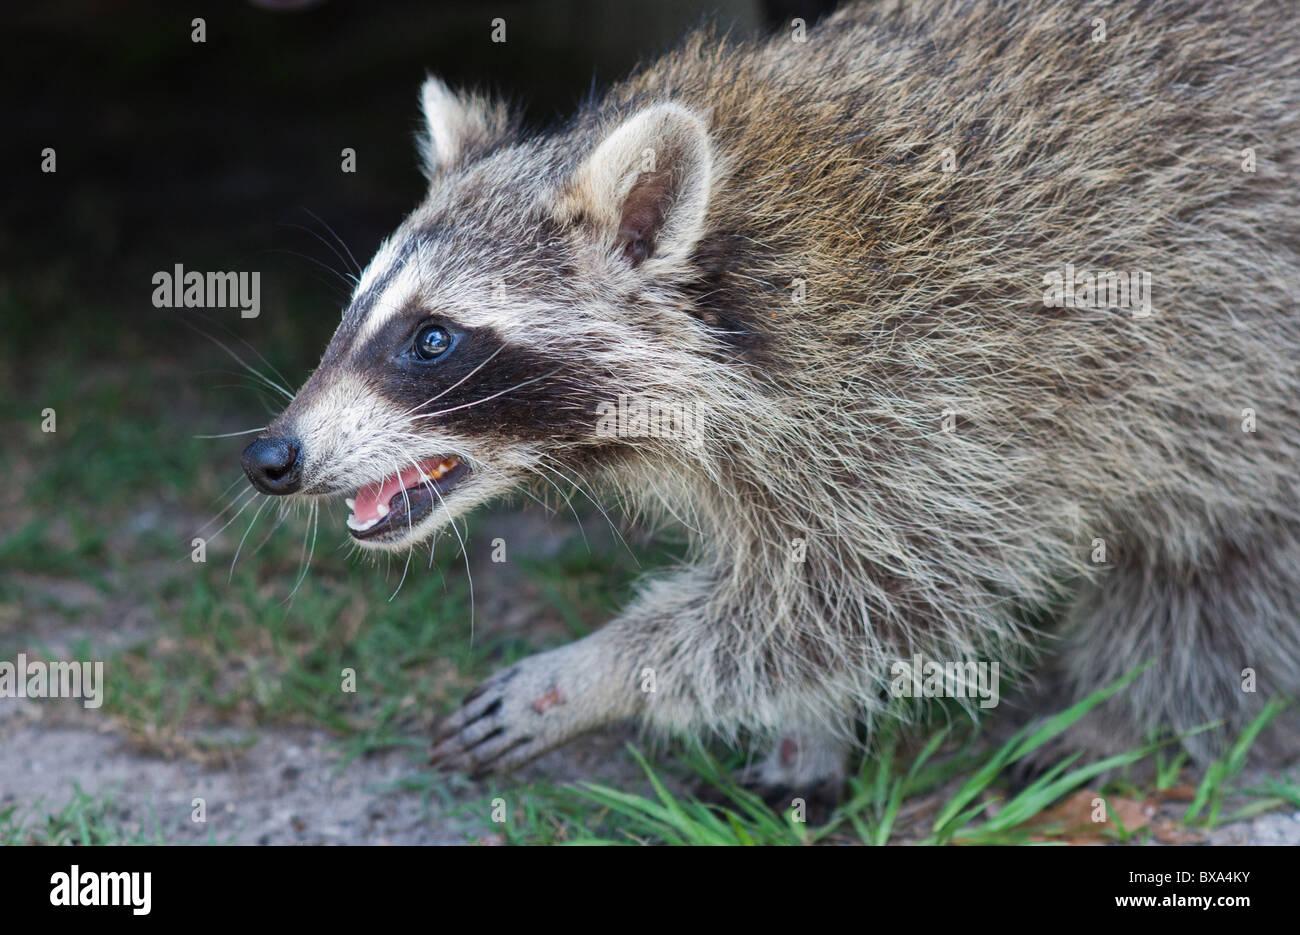 Waschbär Waschbär nachlaufen, zu fangen oder nicht gefangen werden Stockbild